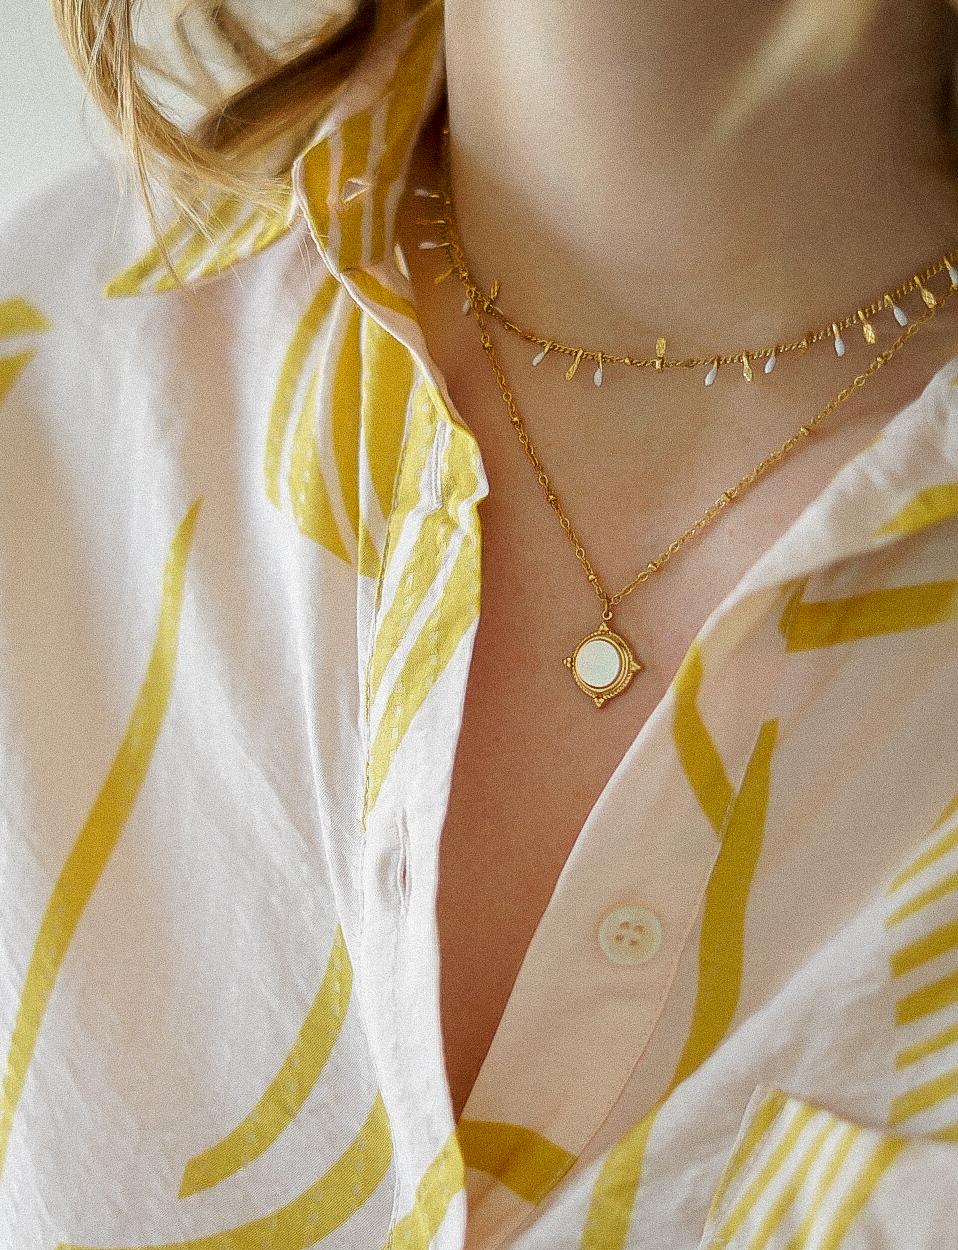 collier femme doré